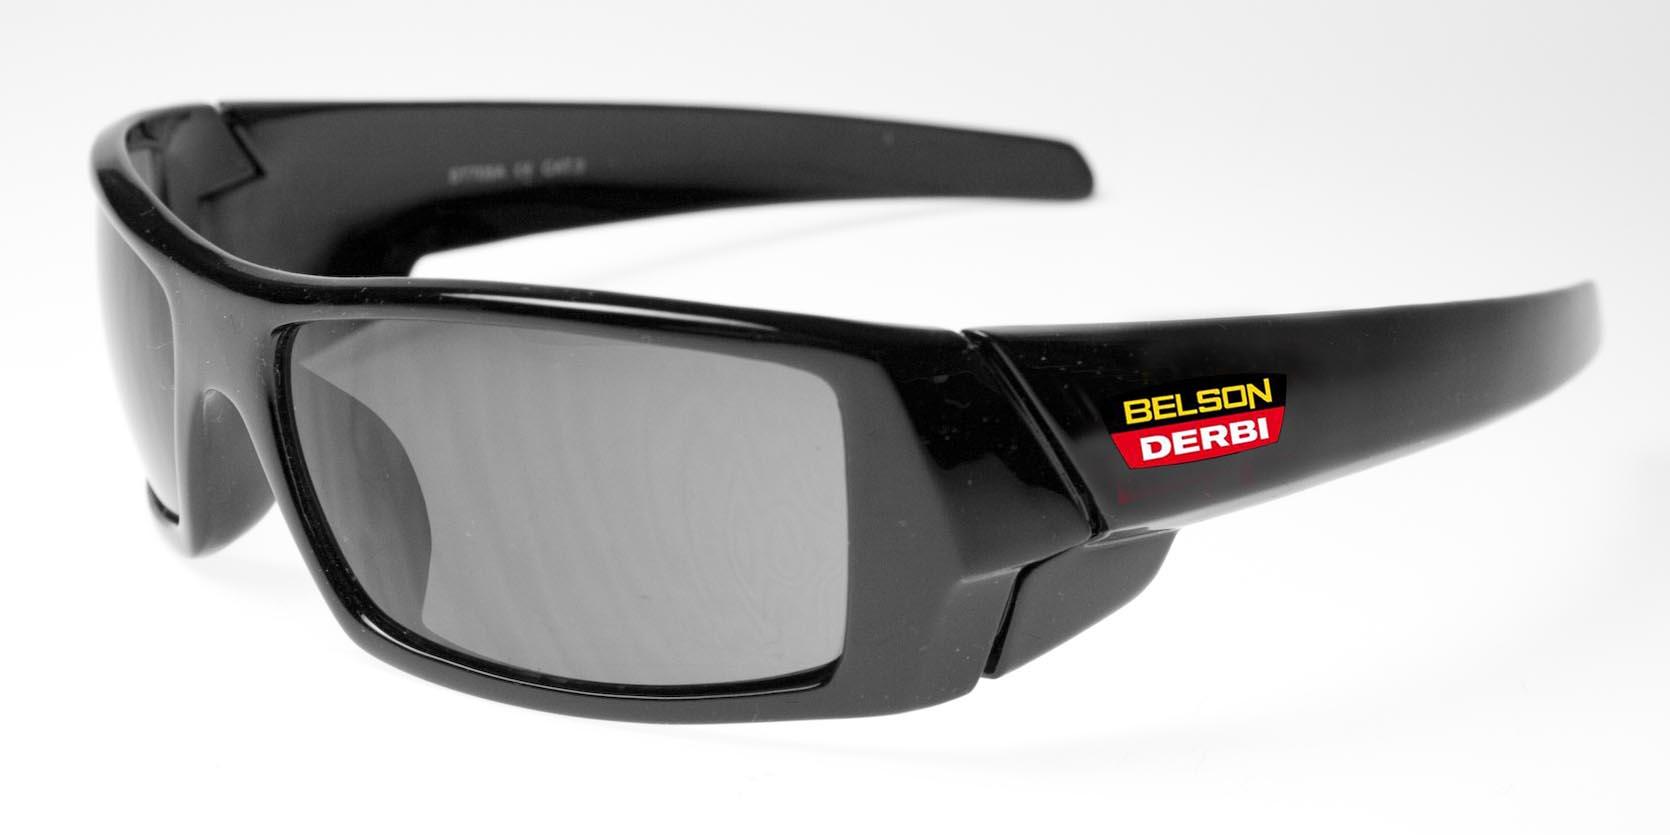 belsonderbi-gafa negra perfil